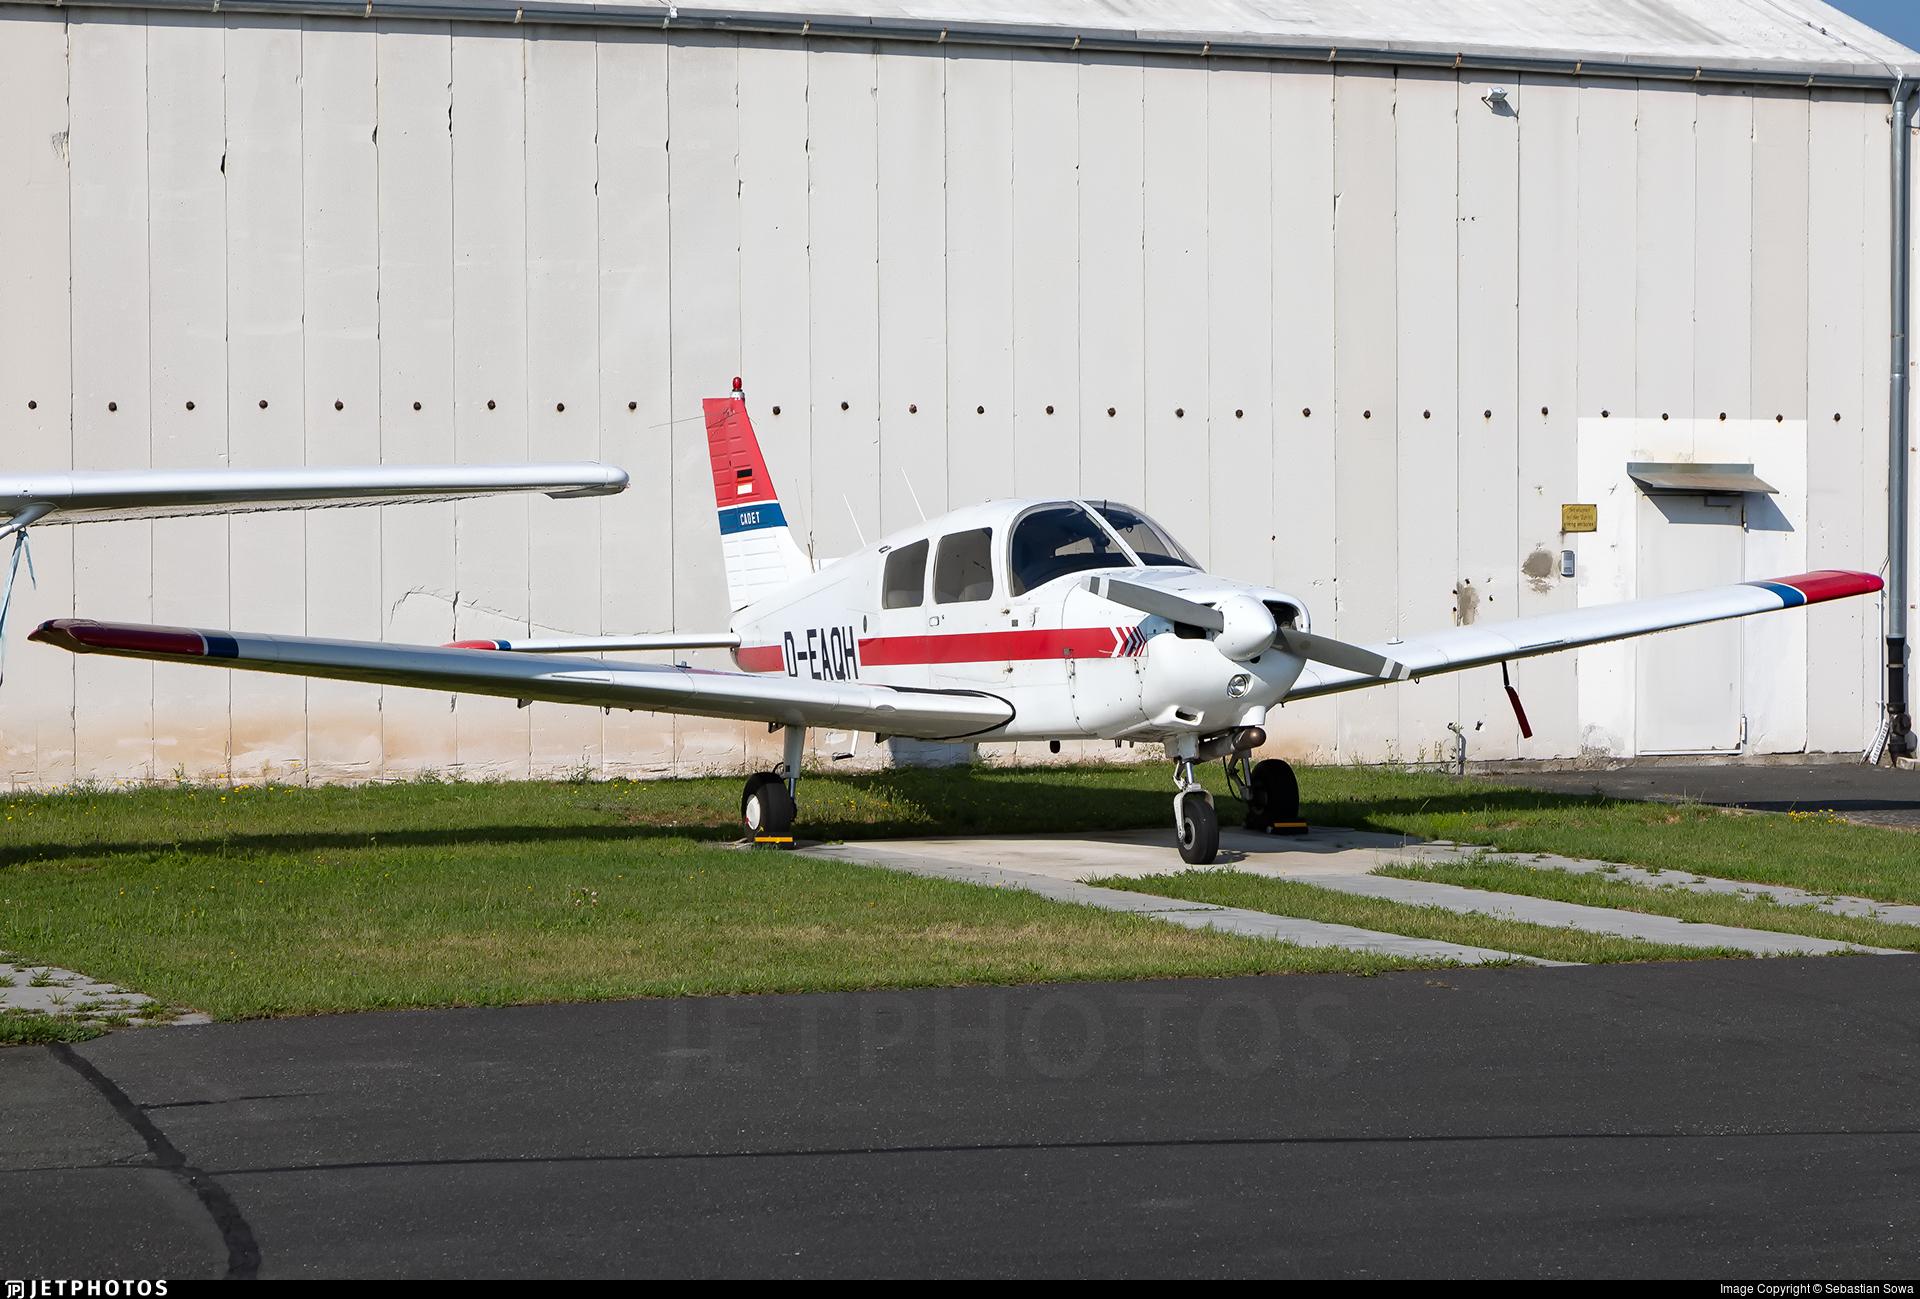 D-EAQH - Piper PA-28-161 Cadet - Aero-Club Herzogenaurach